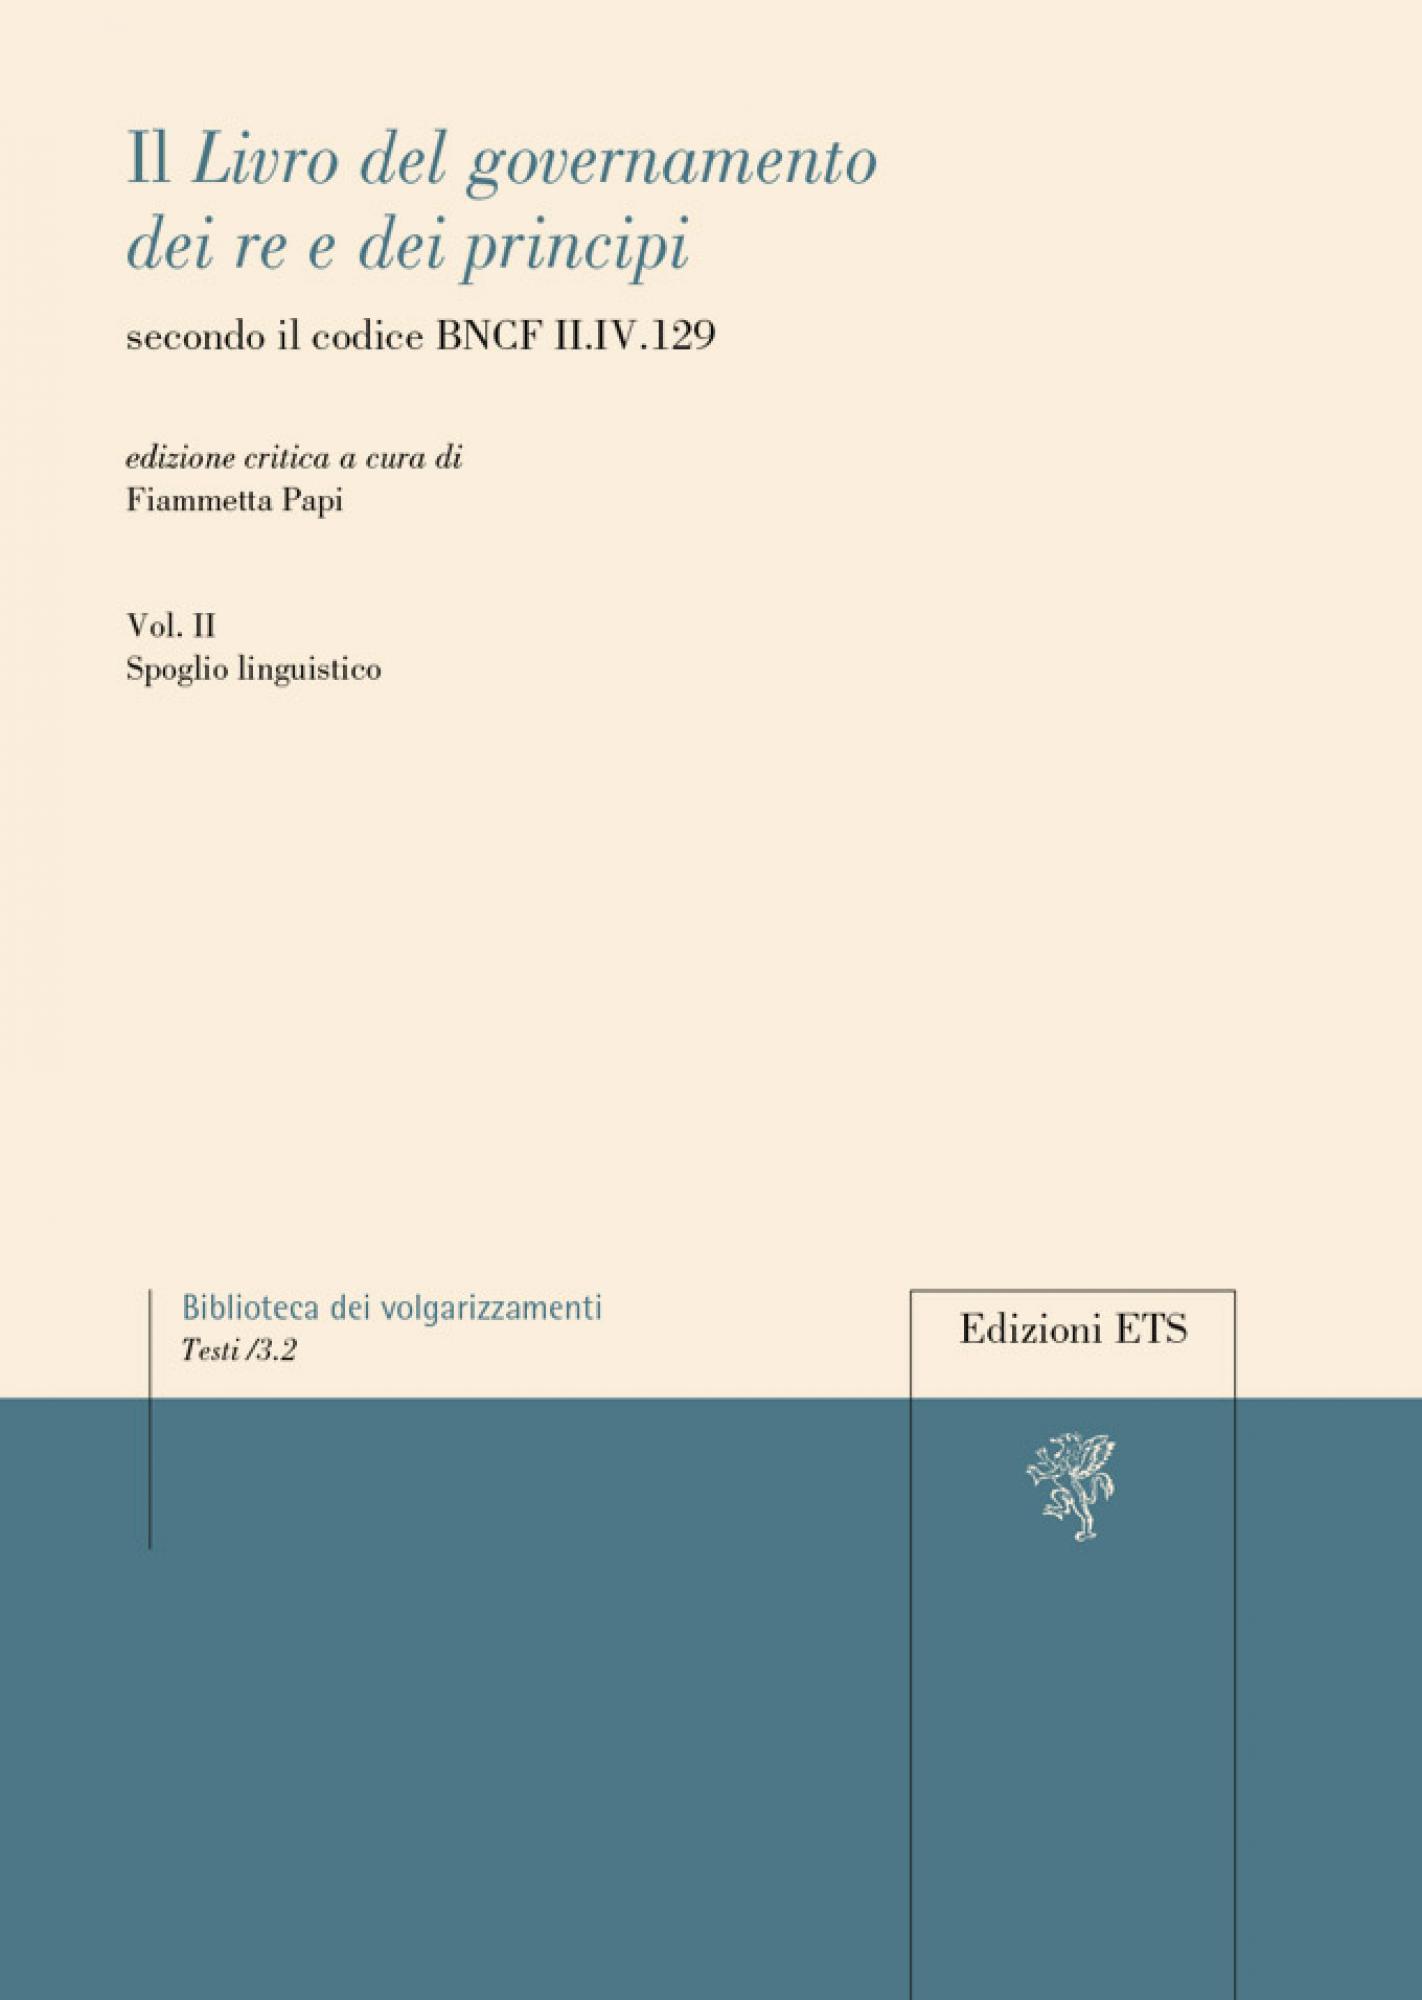 Il <em>Livro del governamento dei re e dei principi</em>.secondo il codice BNCF II.IV.129. Vol. II, spoglio linguistico